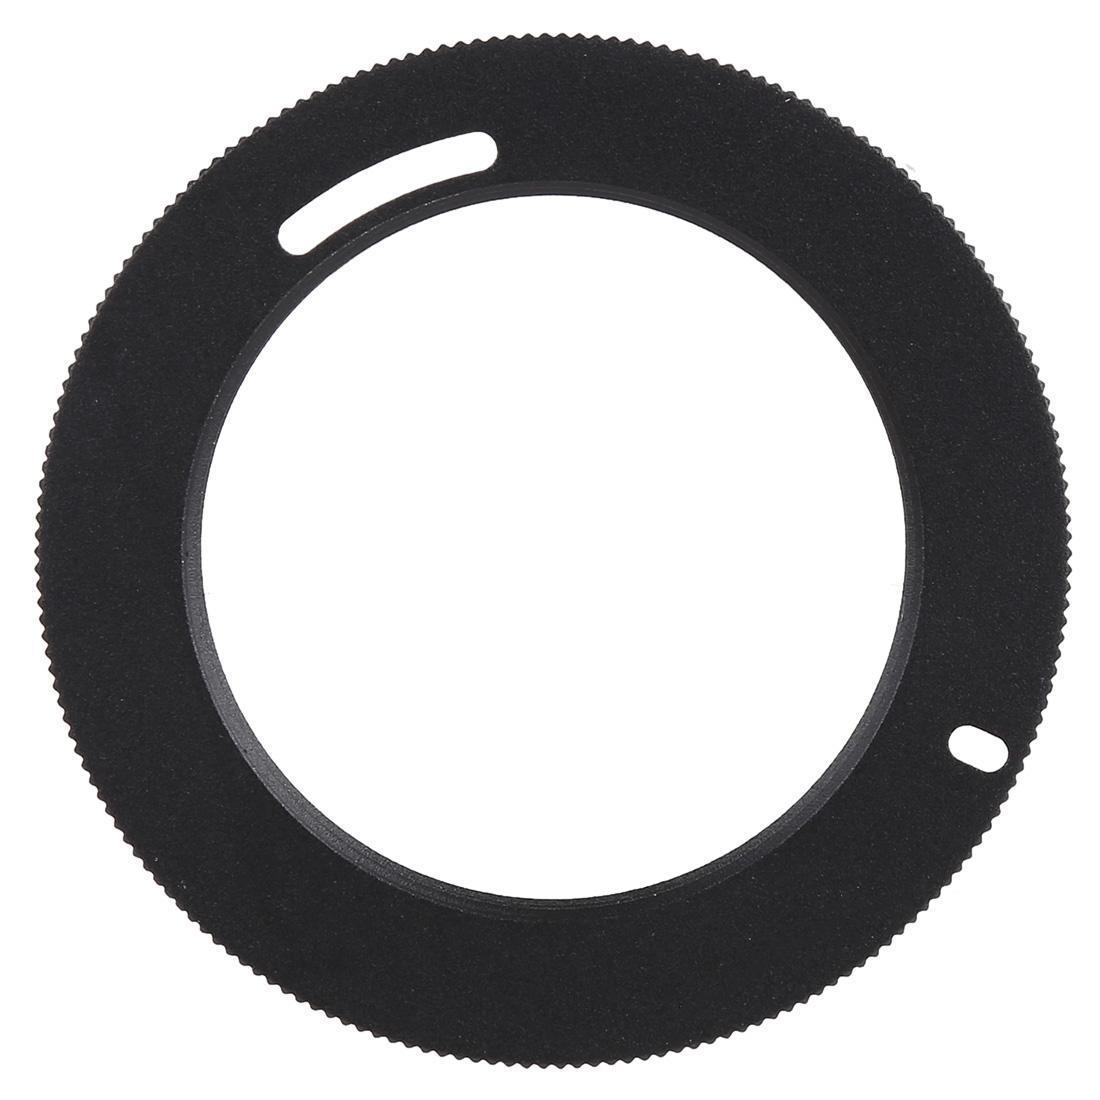 M42-M42 PK hilo de la lente al adaptador de PK del metal del montaje paso a paso Anillo